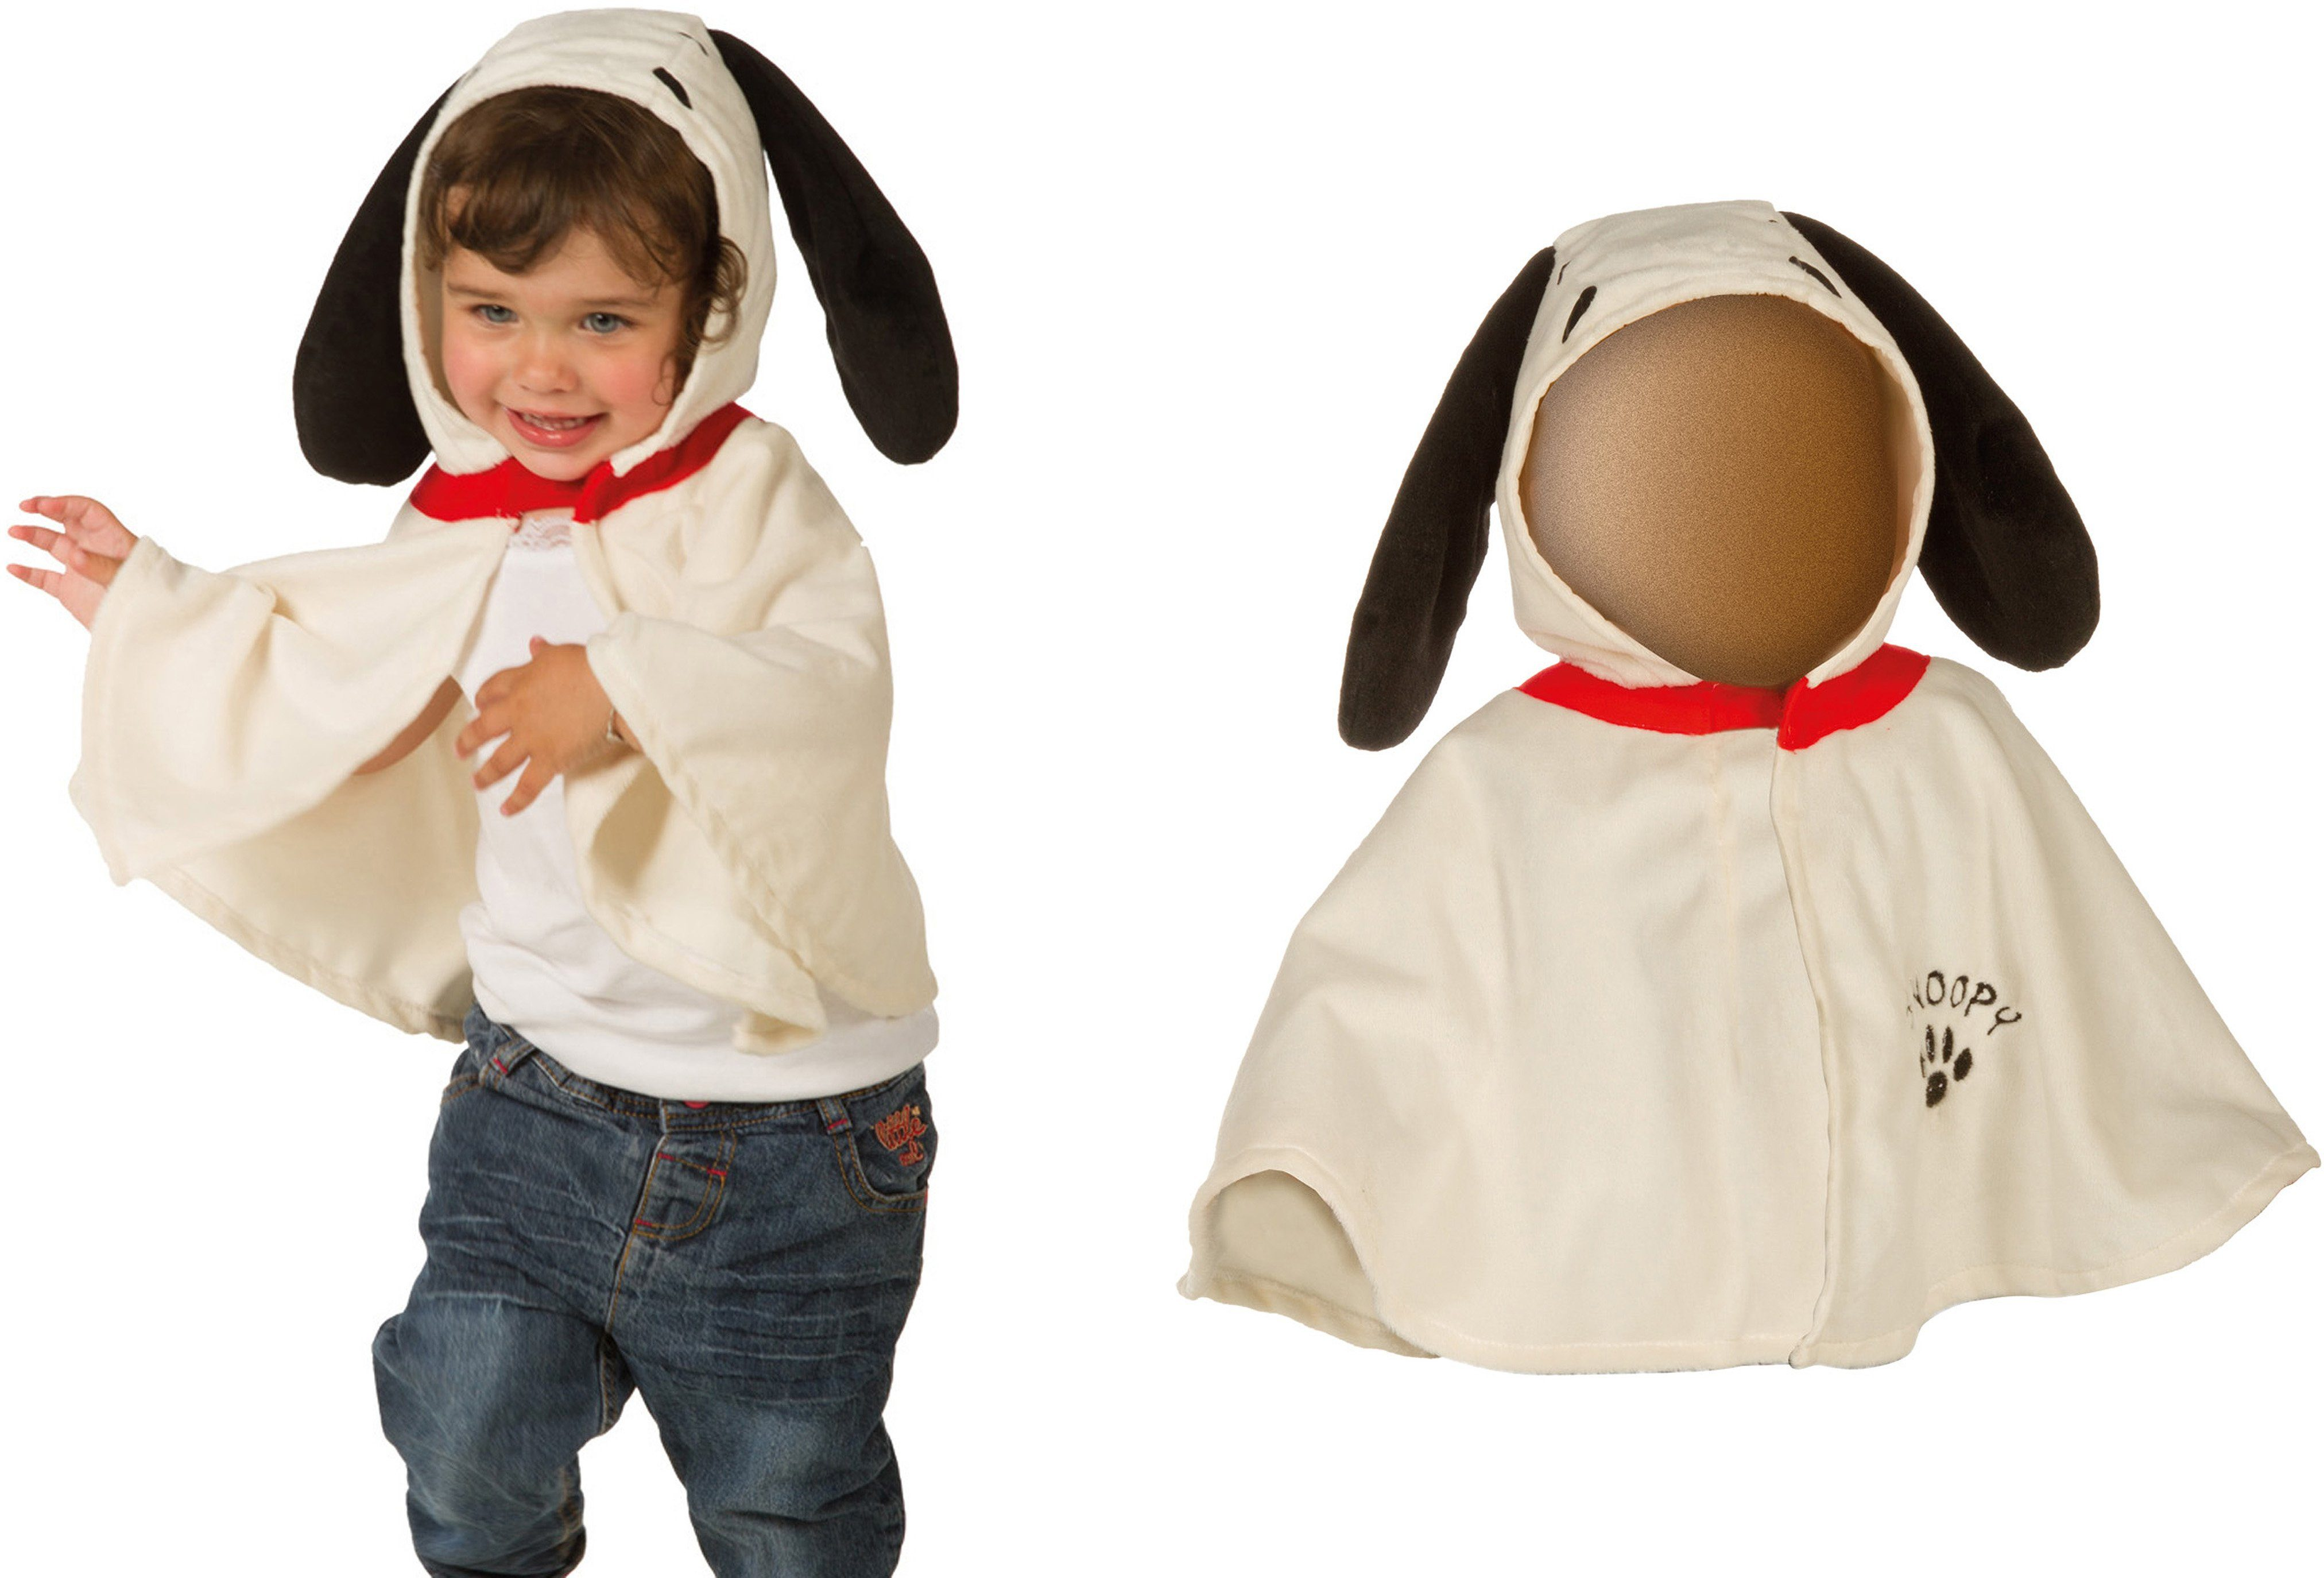 Heunec Karneval Cape für Kleinkinder (0-3 Jahre) bis Größe 98, »Karneval Kinder-Cape Snoopy«